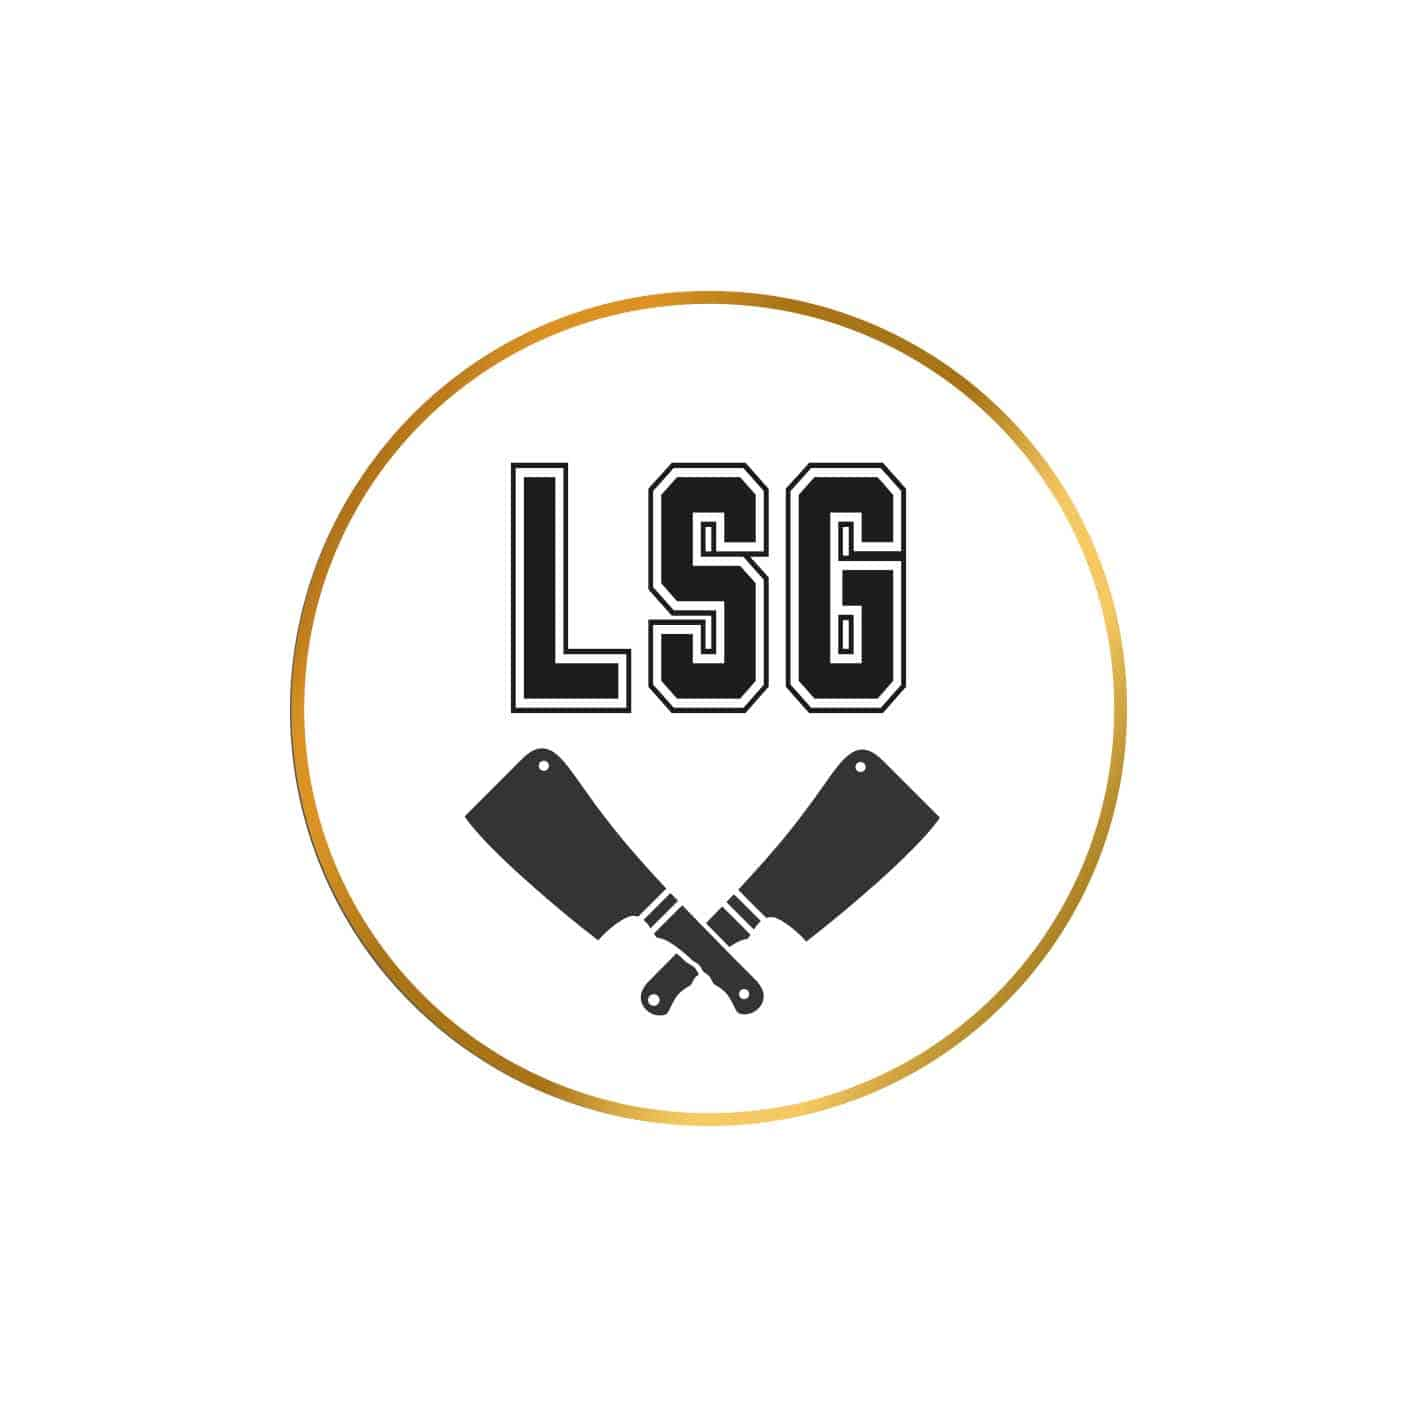 lsg-logo-1964-communication